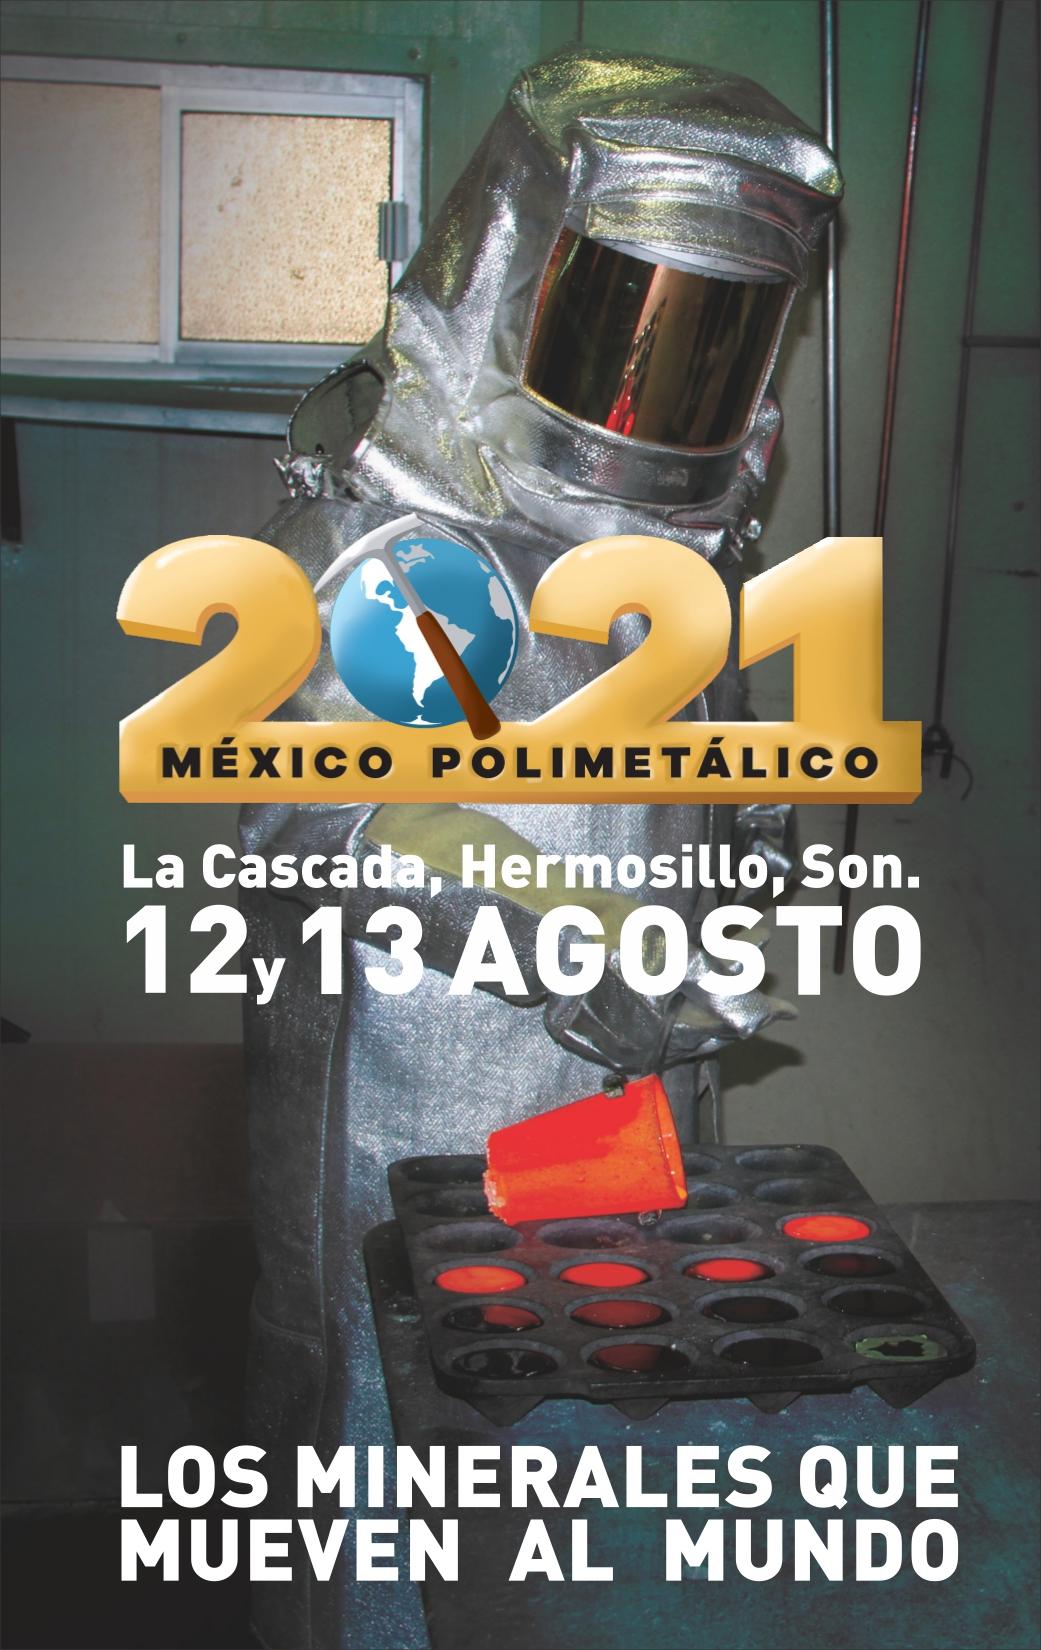 Mexico Polimetalico Ed. 2021_page-0001